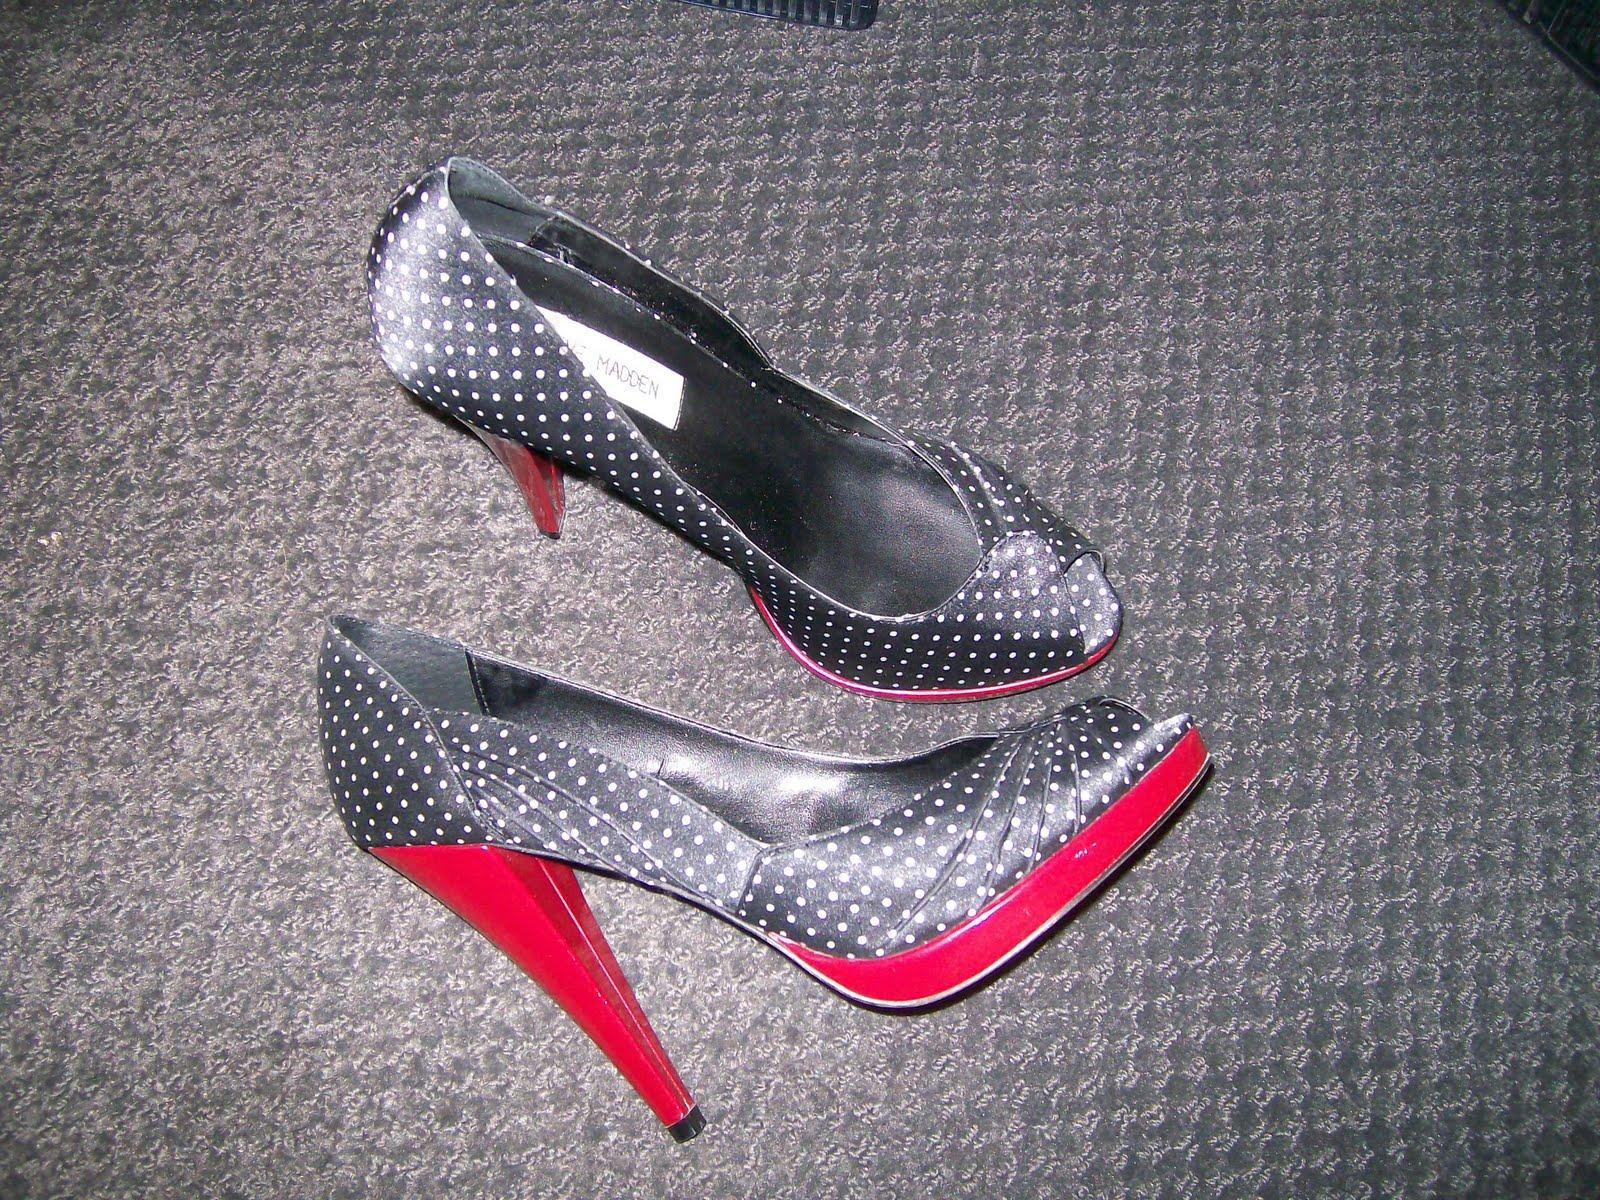 http://3.bp.blogspot.com/_sBm6TOYZh0o/TKI8UR6BD3I/AAAAAAAACEo/jQtKLm3m9B4/s1600/shoes.jpg